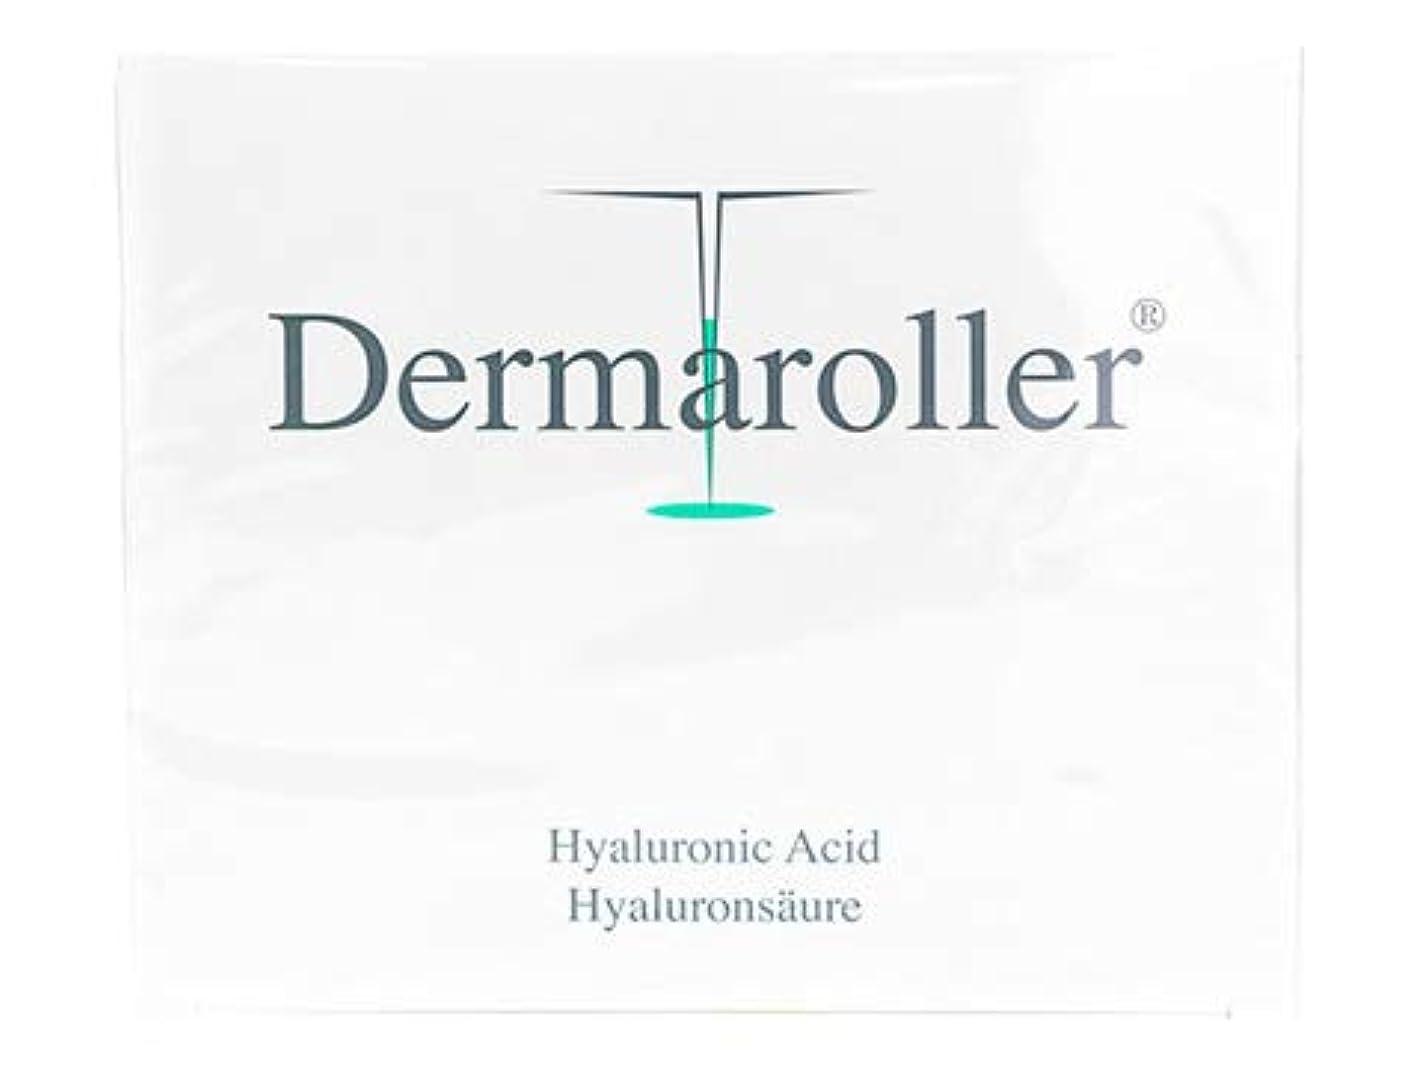 フェードアウト海洋のシルクダーマローラー ヒアルロン酸 美容液 1.5ml30本 1箱 Dermaroller HyaluronicAcid Made in Germany